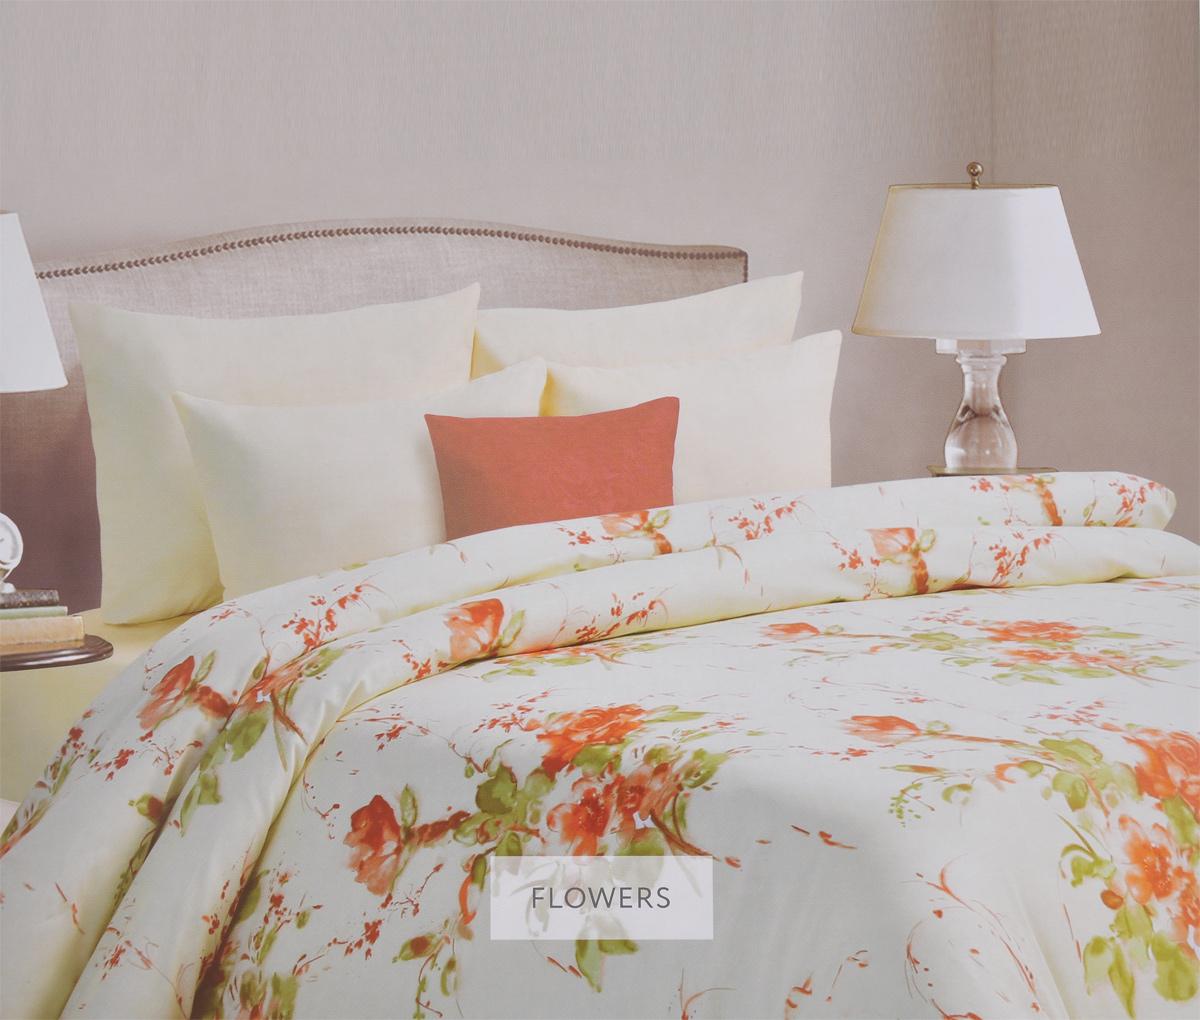 Комплект белья Mona Liza Flowers, 1,5-спальный, наволочки 70х70, цвет: светло-зеленый. 561114/6CA-3505Комплект белья Mona Liza Flowers, выполненный из батиста (100% хлопок), состоит из пододеяльника, простыни и двух наволочек. Изделия оформлены красивым цветочным рисунком. Батист - тонкая, легкая, полупрозрачная натуральная ткань полотняного переплетения натуральных или химических волокон. Батист, несомненно, является одной из самых аристократичных и совершенных тканей. Он отличается нежностью, трепетной утонченностью и изысканностью. Ткань с незначительной сминаемостью, хорошо сохраняющая цвет при стирке, легкая, с прекрасными гигиеническими показателями. В комплект входит: Пододеяльник - 1 шт. Размер: 145 см х 210 см. Простыня - 1 шт. Размер: 150 см х 215 см. Наволочка - 2 шт. Размер: 70 см х 70 см. Рекомендации по уходу: - Ручная и машинная стирка 40°С, - Гладить при температуре не более 150°С, - Не использовать хлорсодержащие средства, - Щадящая сушка, - Не подвергать химчистке.